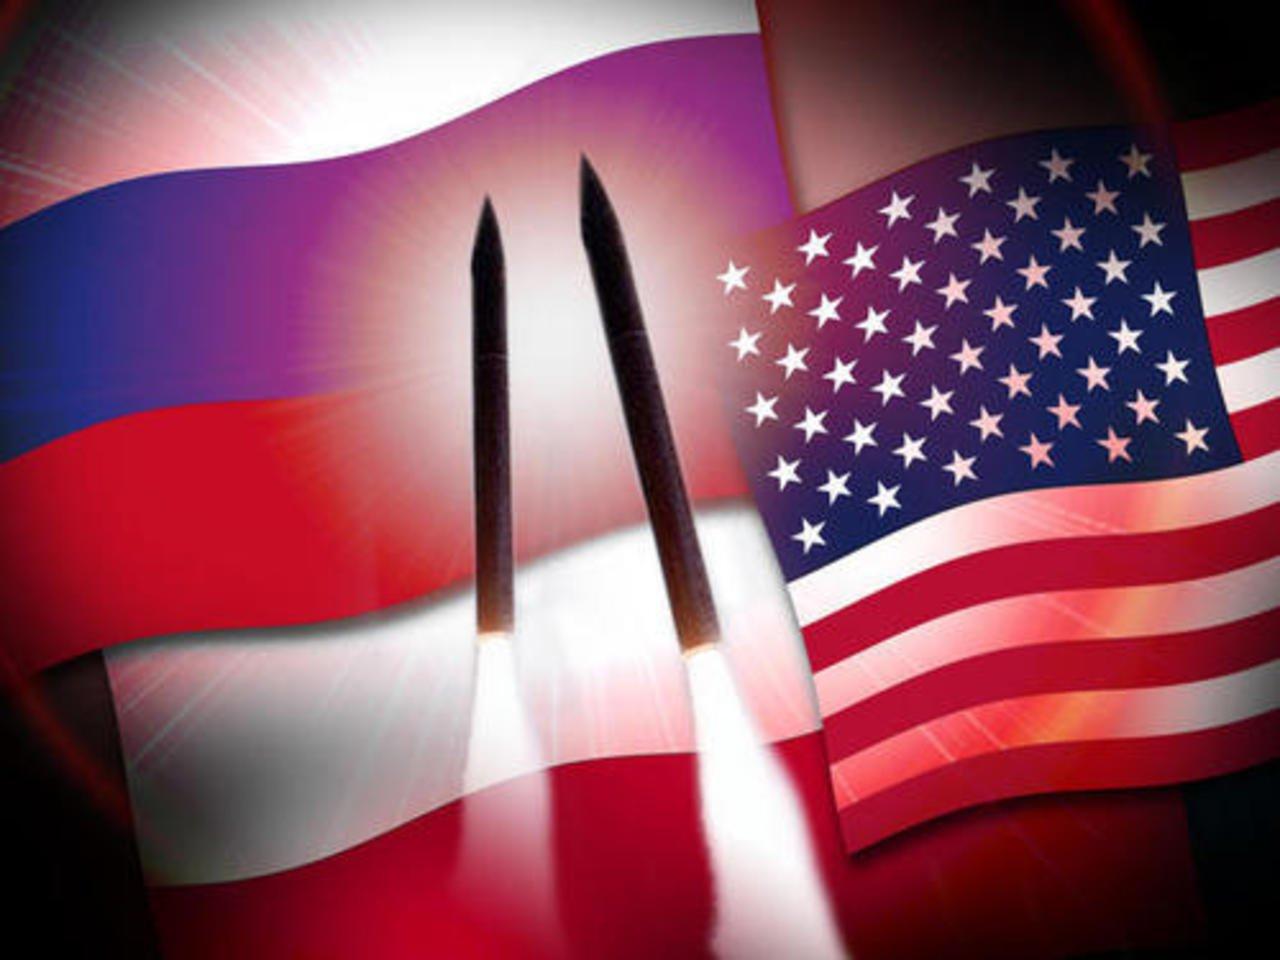 ВПентагоне поведали оразработке планов войны против РФ иКитая